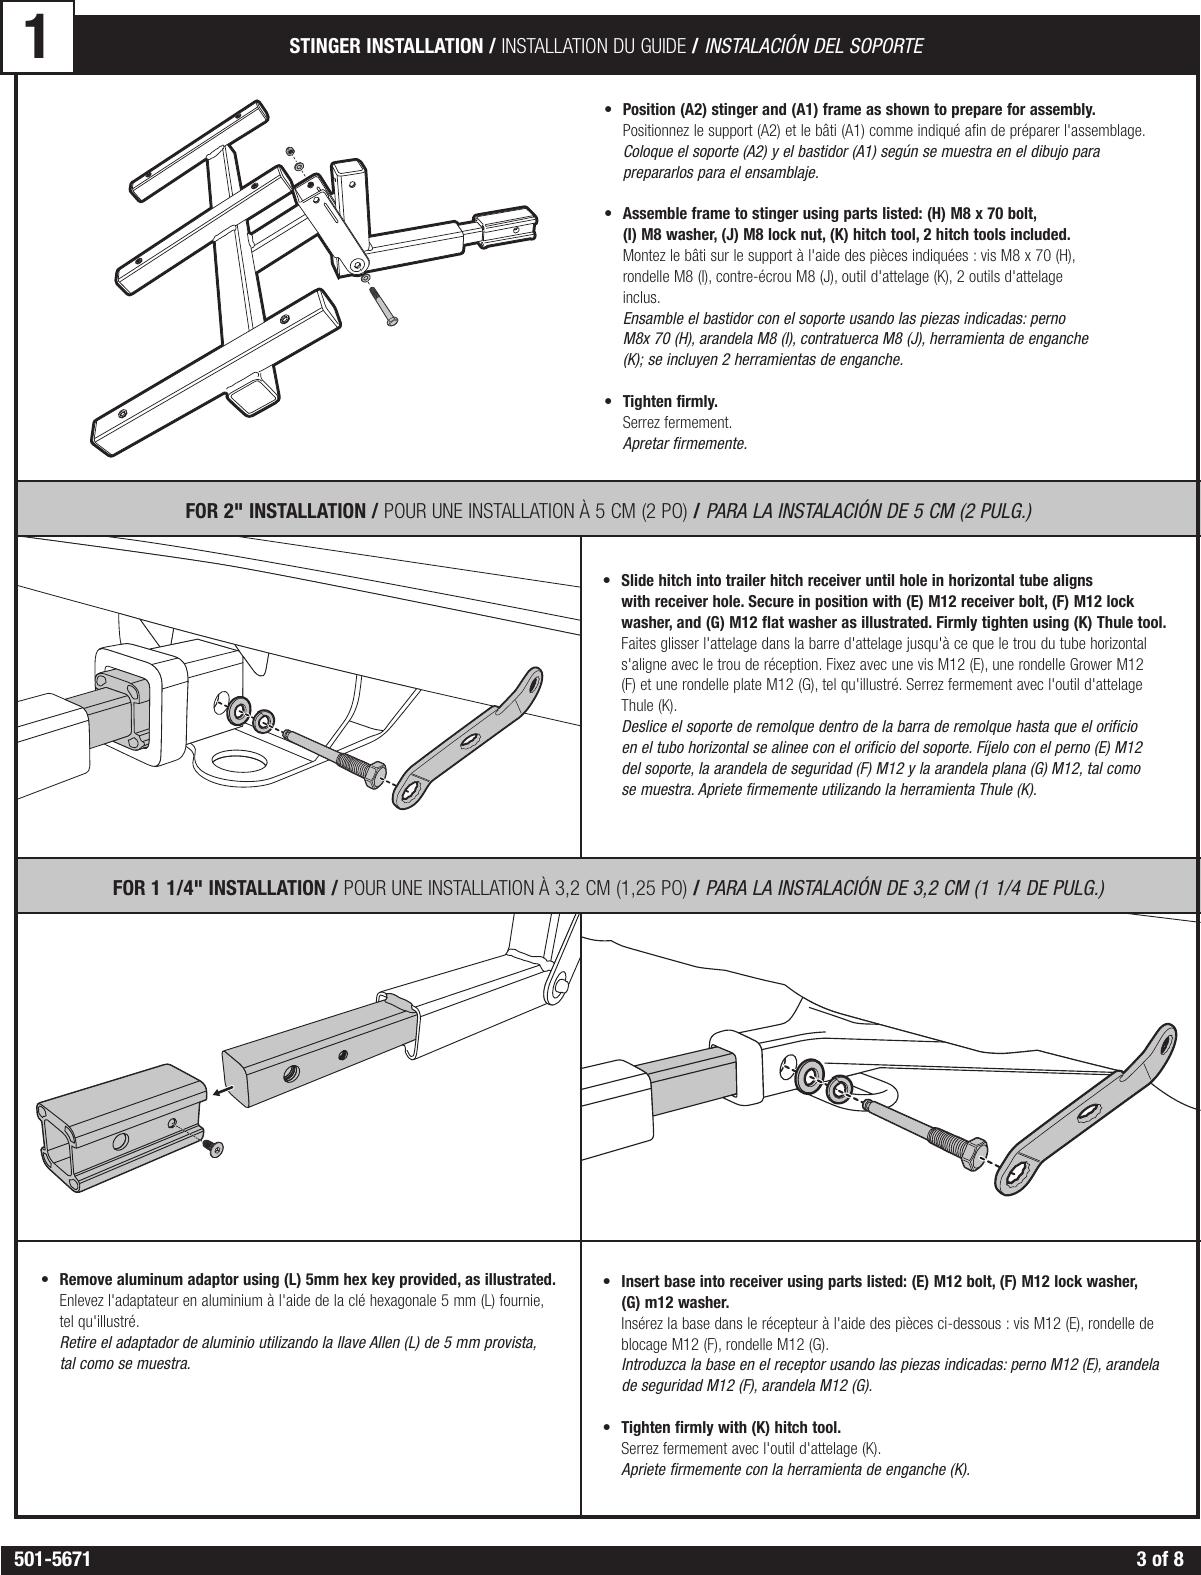 ... Array - riso g912 service repair manual rh riso g912 service repair  manual elzplorers de